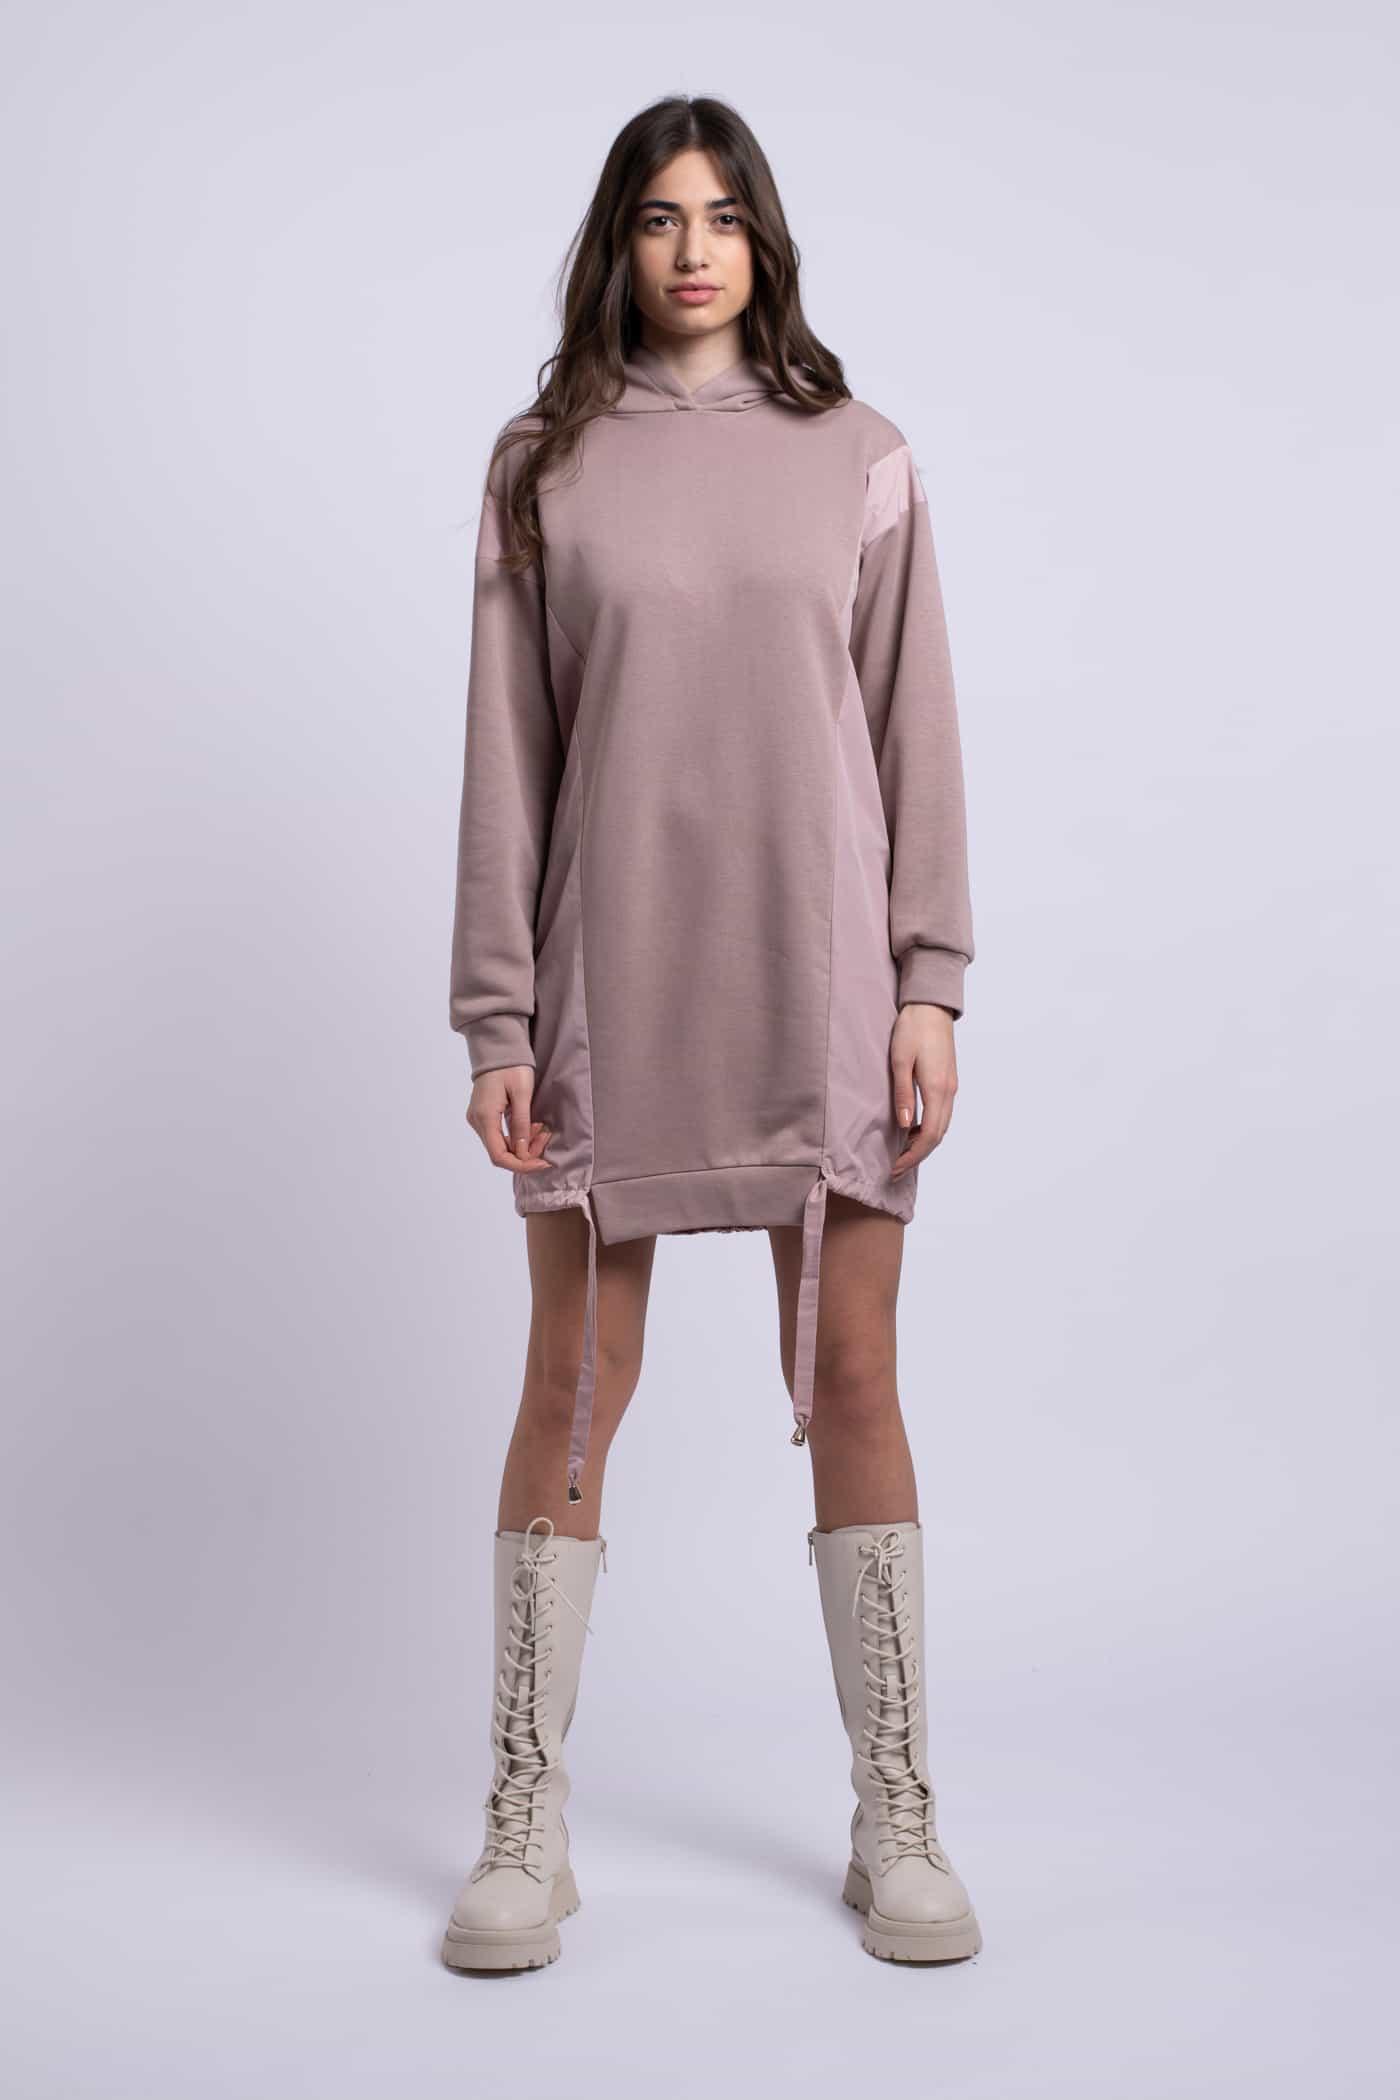 rochie roz scurta ladonna